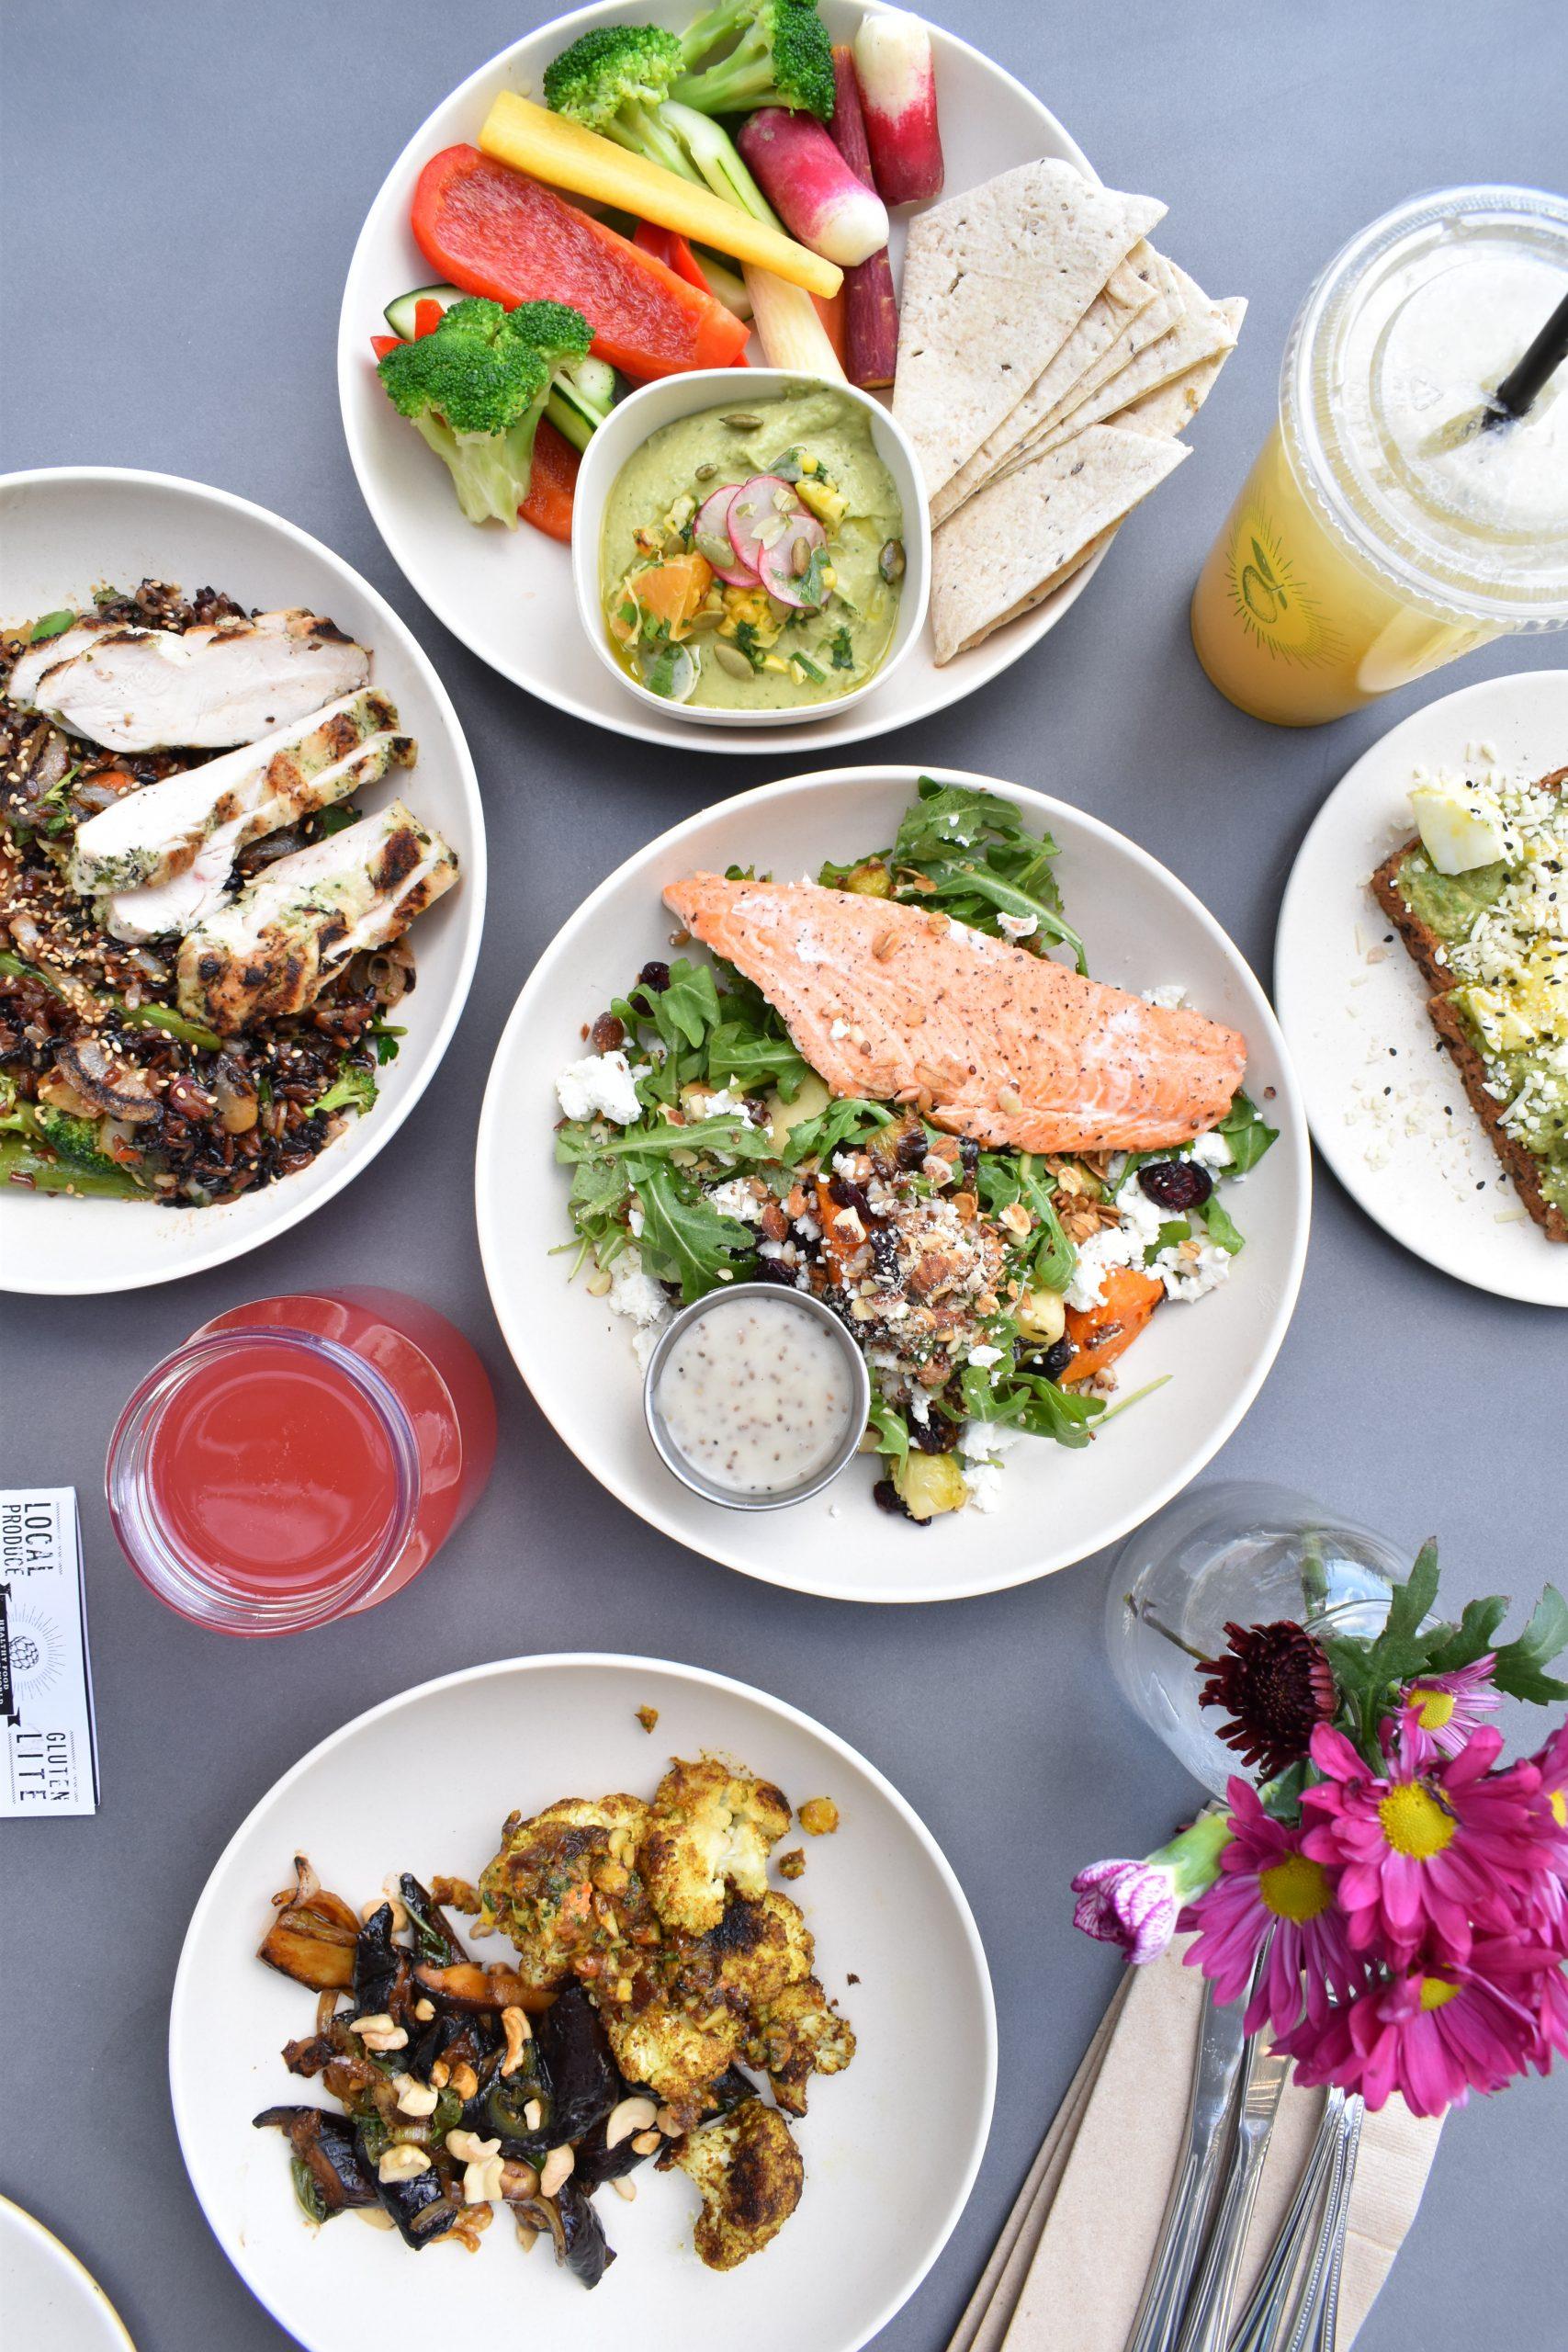 Cena para perder peso: lo importante es que estén presentes todos los grupos de alimentos y cenemos ligero /Unsplash